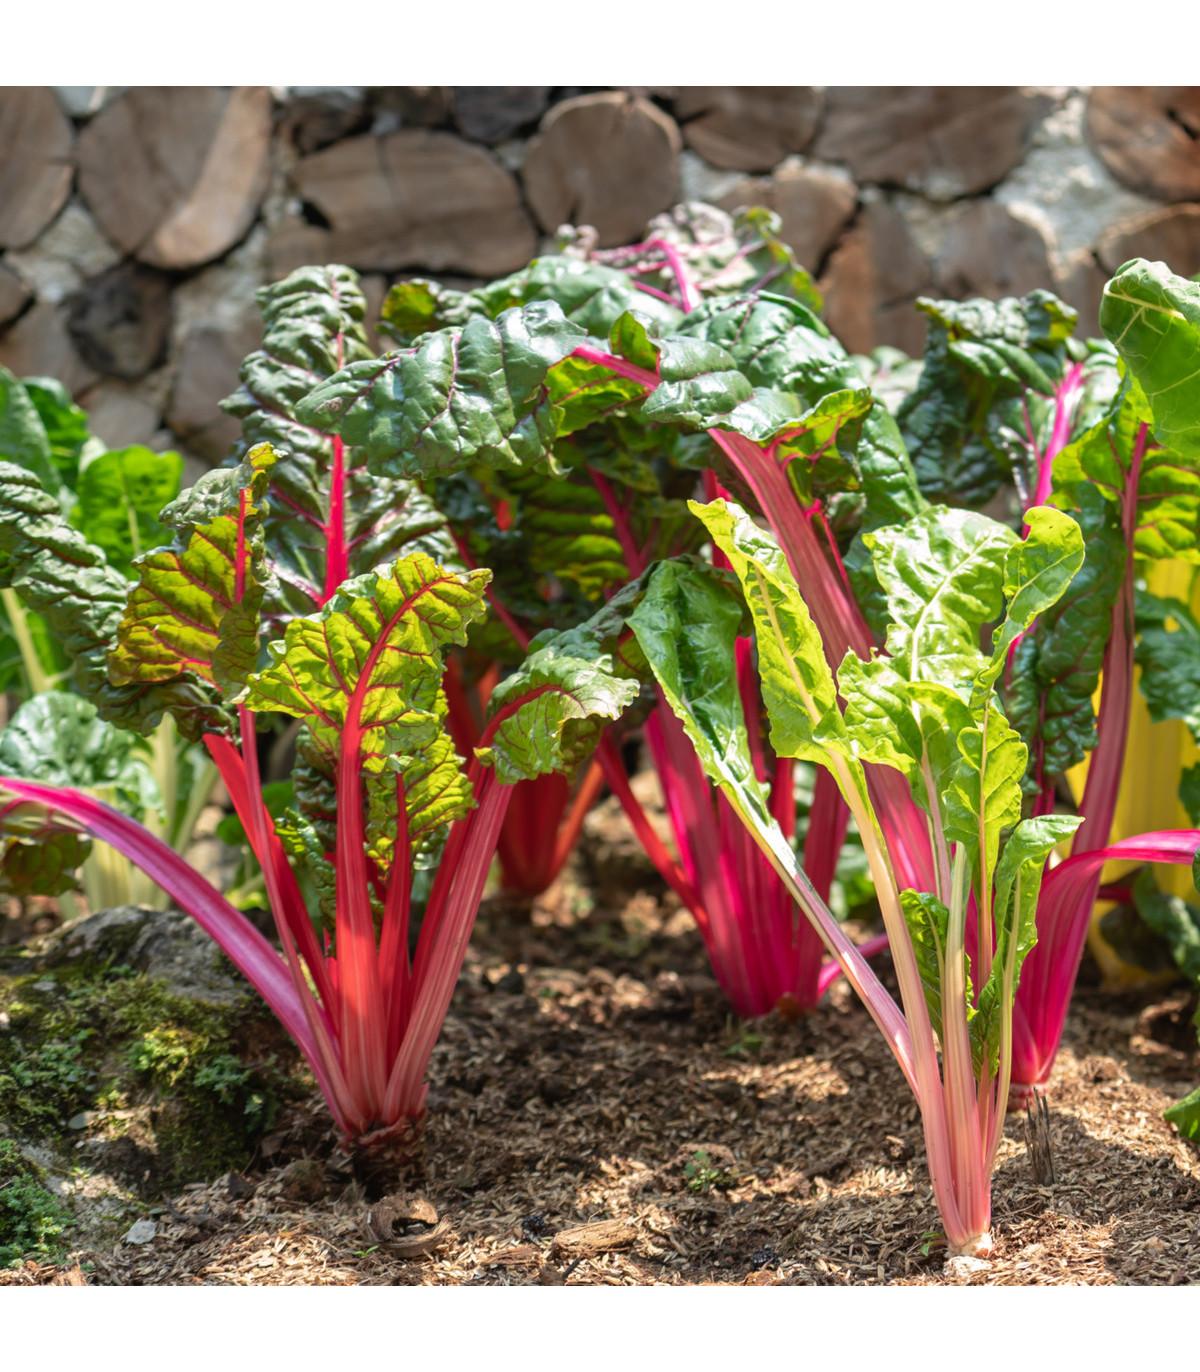 Mangold stopkový ružový - Beta vulgaris - semená - 75 ks